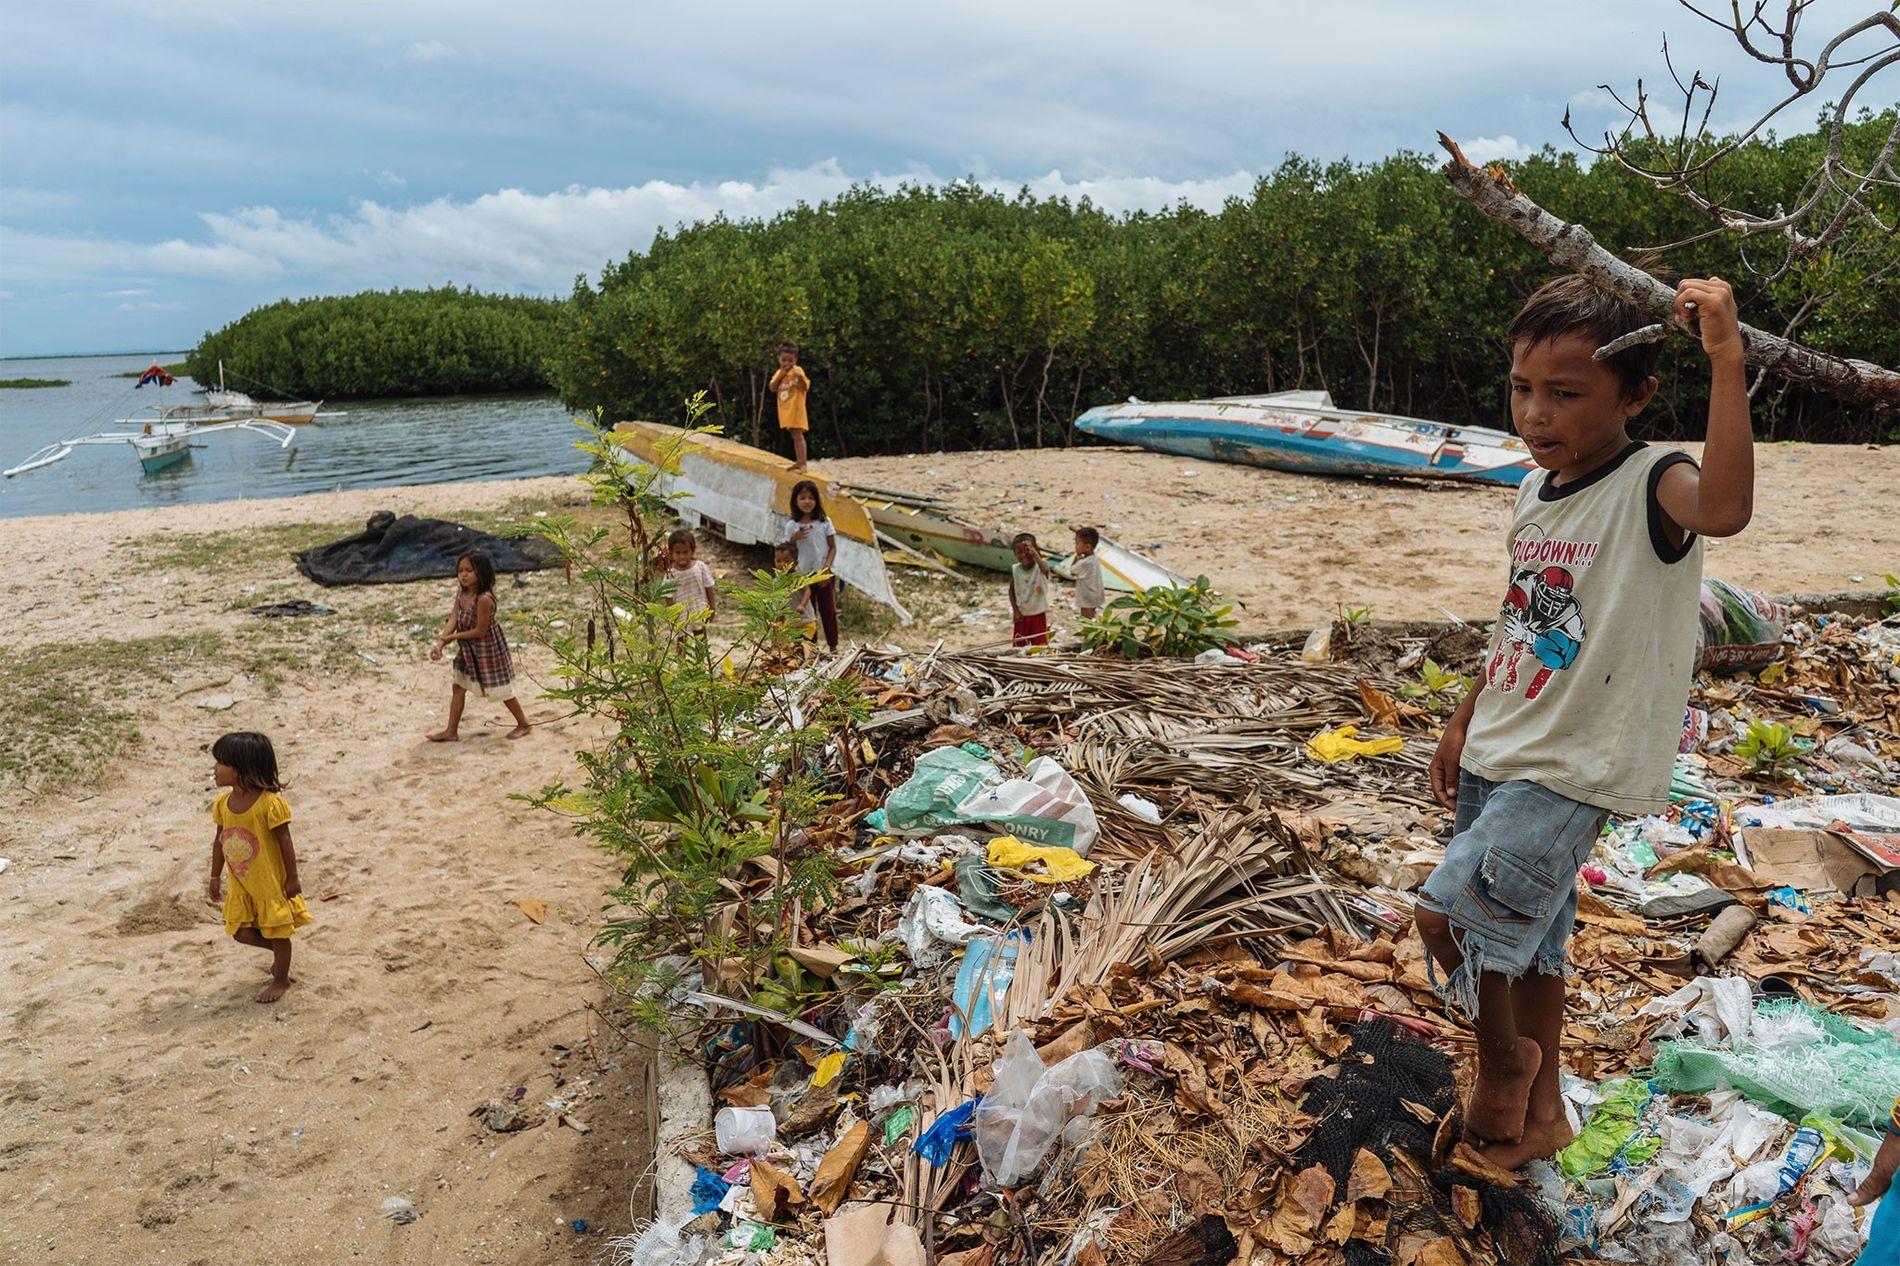 Unos niños juegan junto a un vertedero en Bohol, Filipinas. Con la marea alta y las lluvias, los residuos del vertedero llegan al agua. Las Filipinas son el centro de la biodiversidad marina del mundo, pero se encuentra en el tercer puesto después de China e Indonesia en contaminante de los océanos.